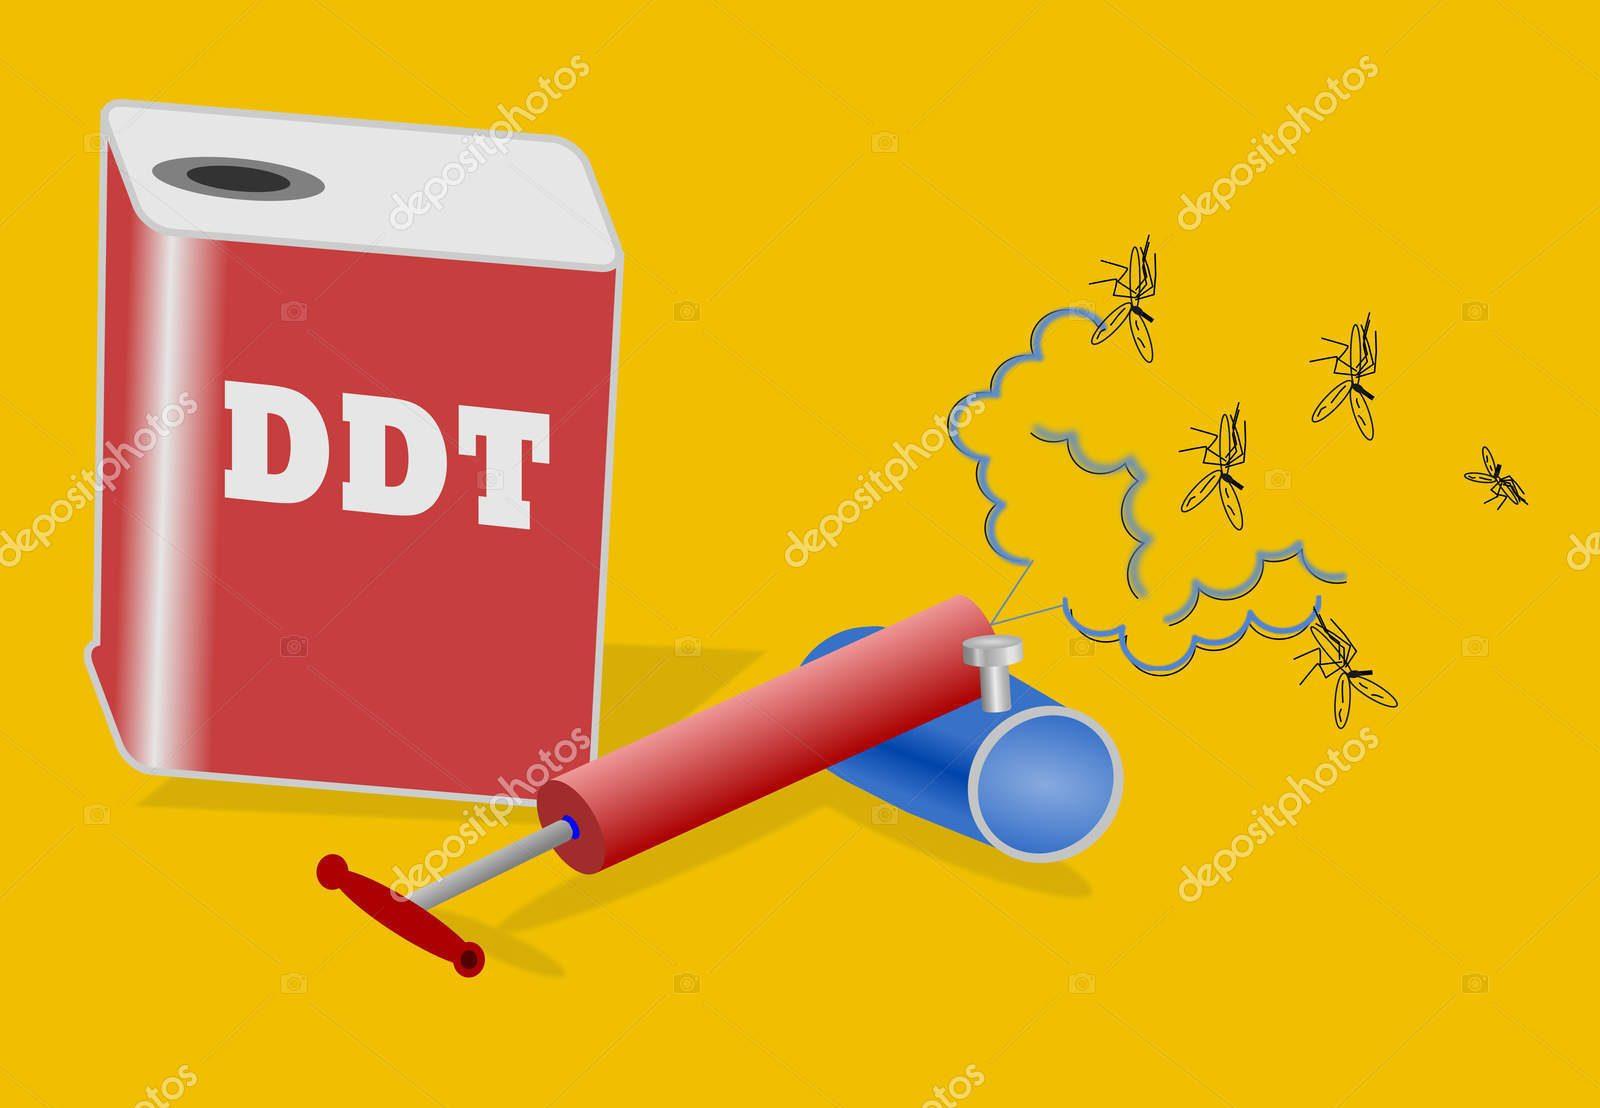 La Medicina Infallibile che allontanerà i Perditempo dalla Tua Casa Come il DDT per le Zanzare